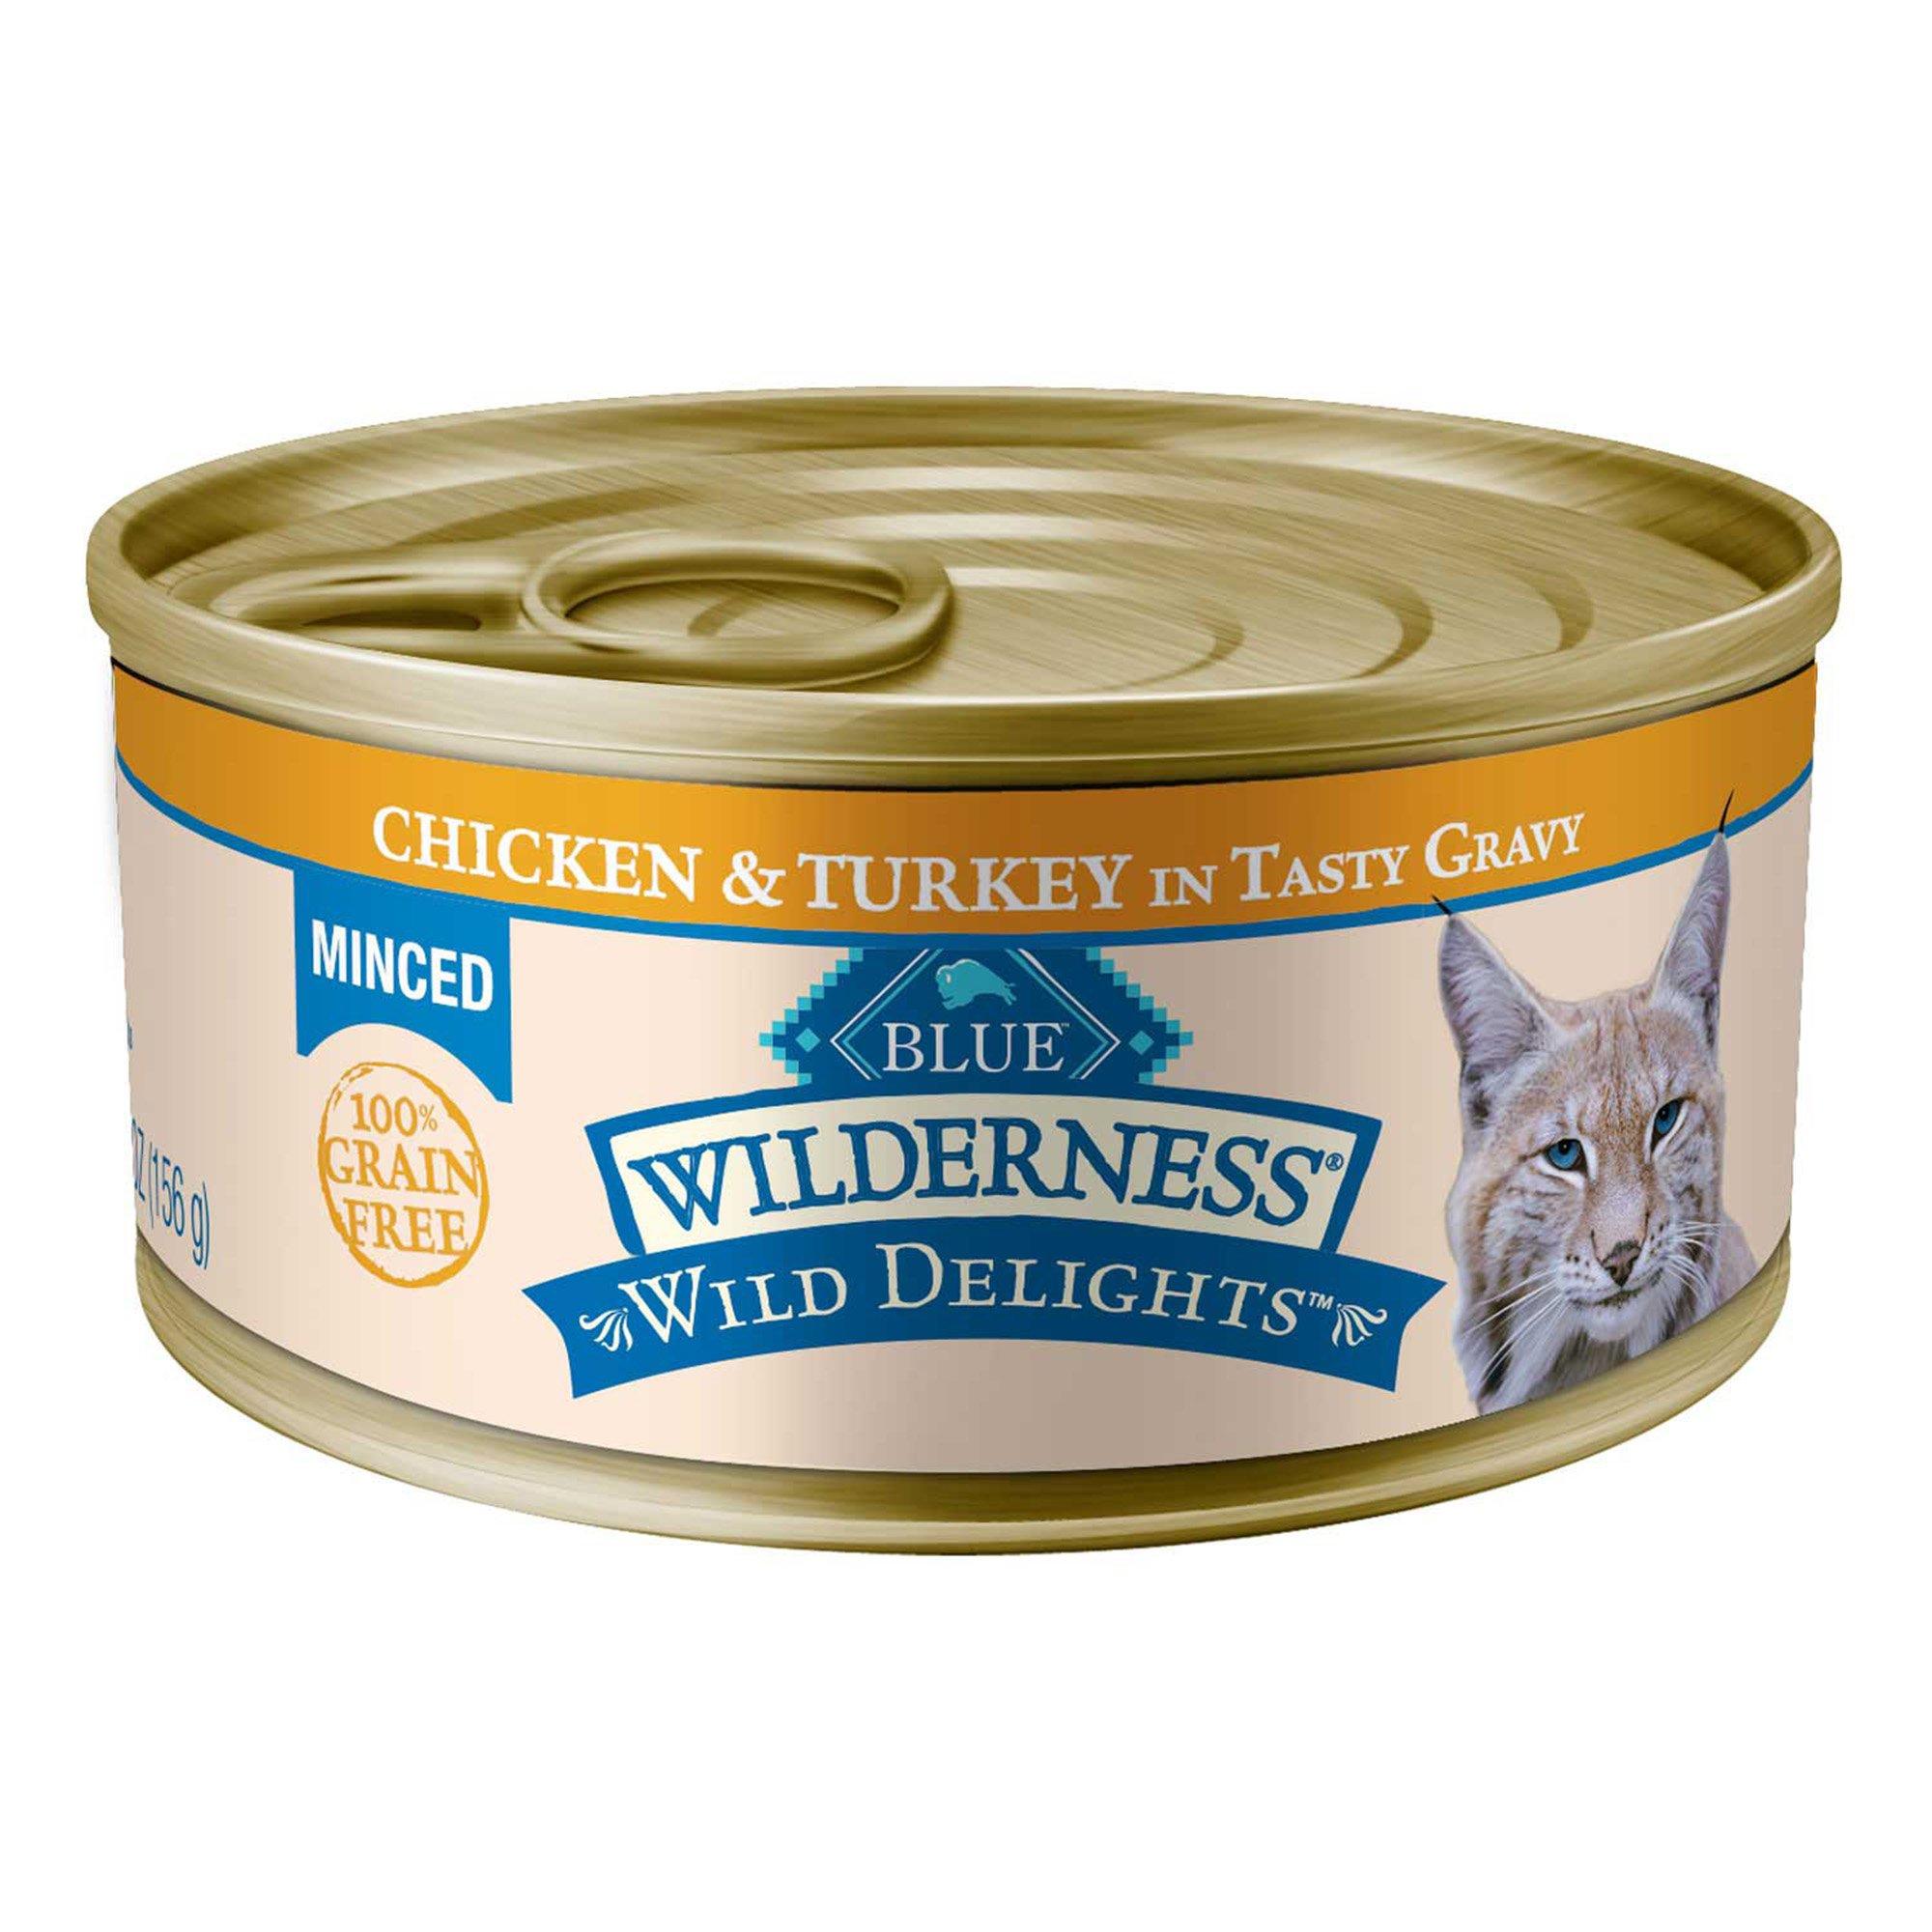 Blue Cat Food Comparison